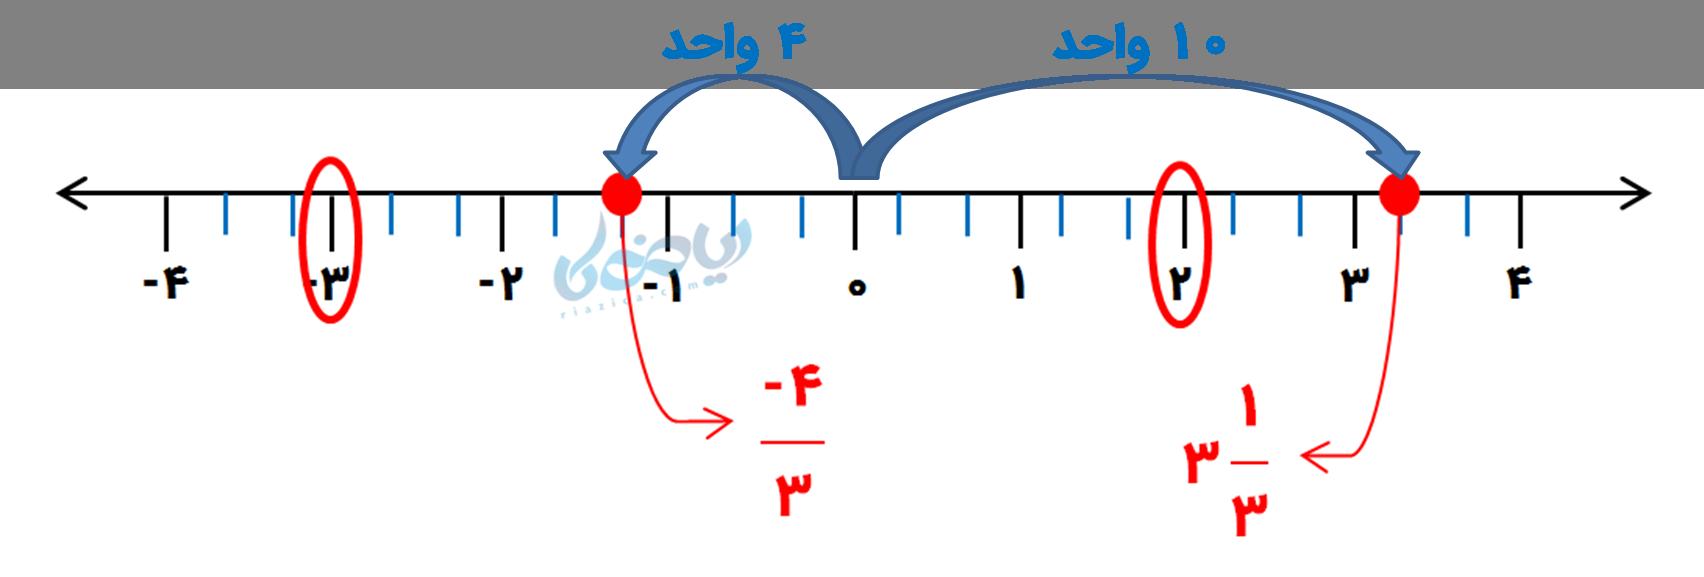 جمع و تفریق اعداد گویا روی محور